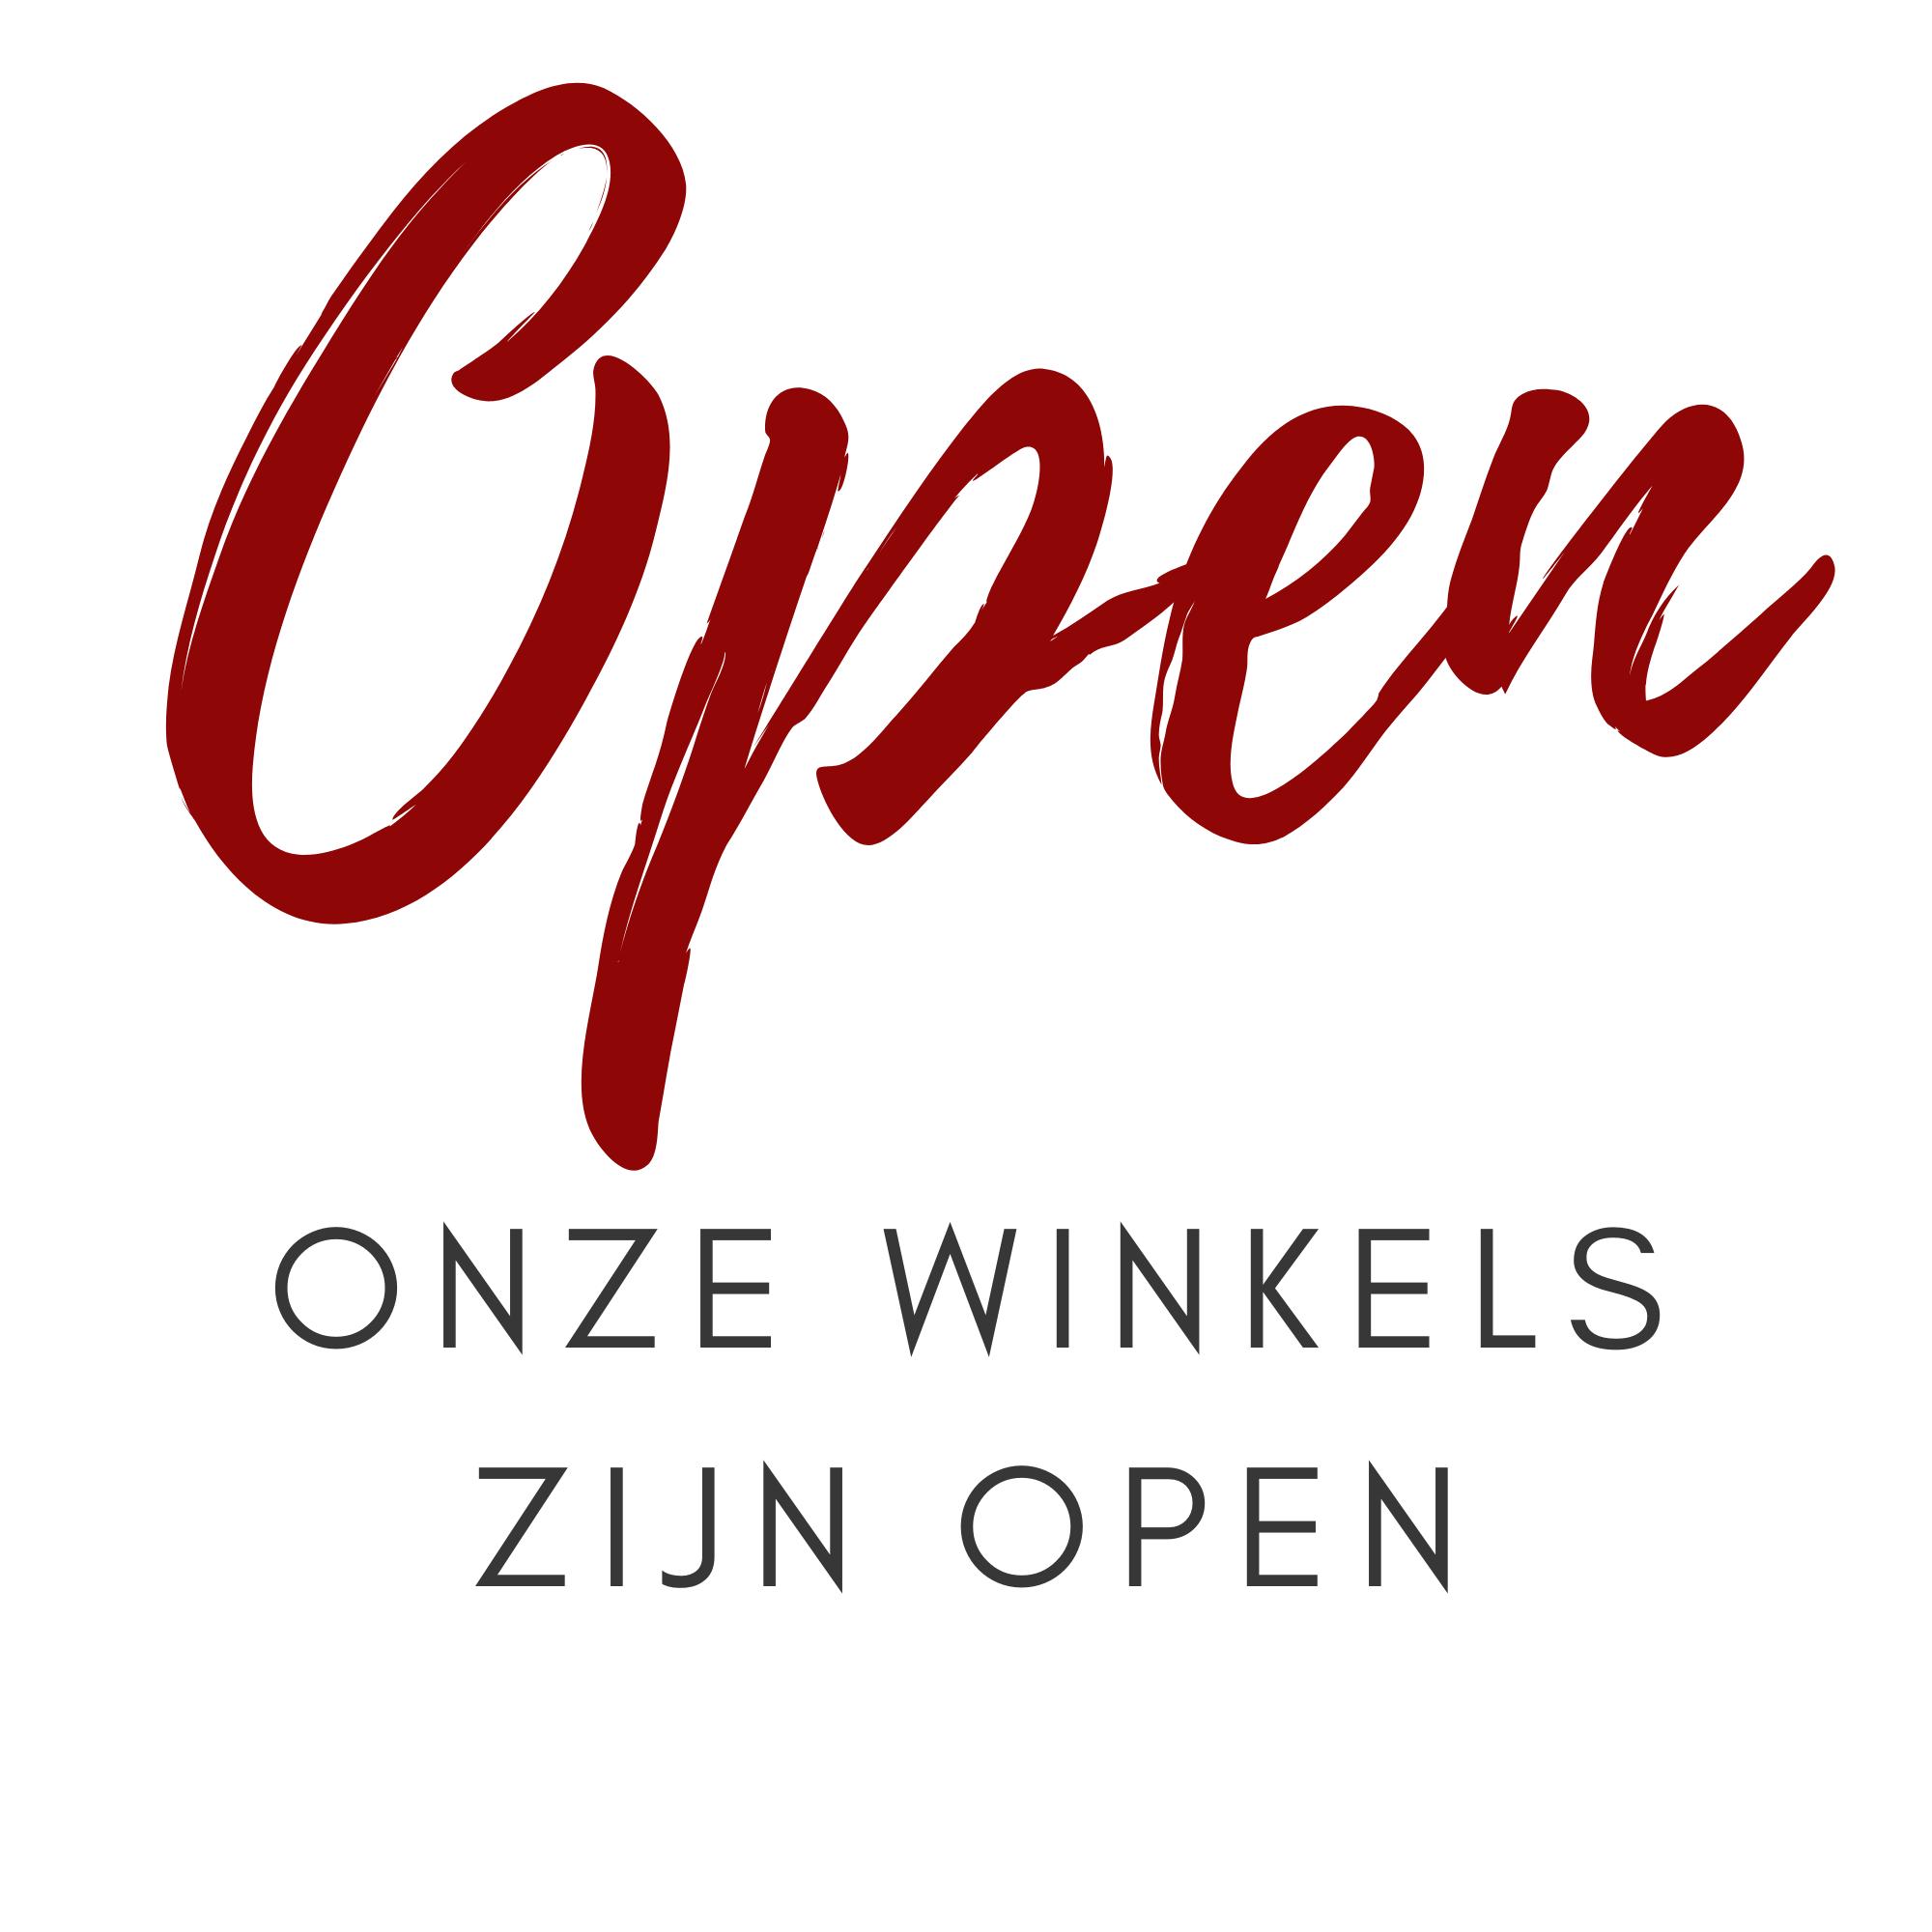 Onze winkels zijn open